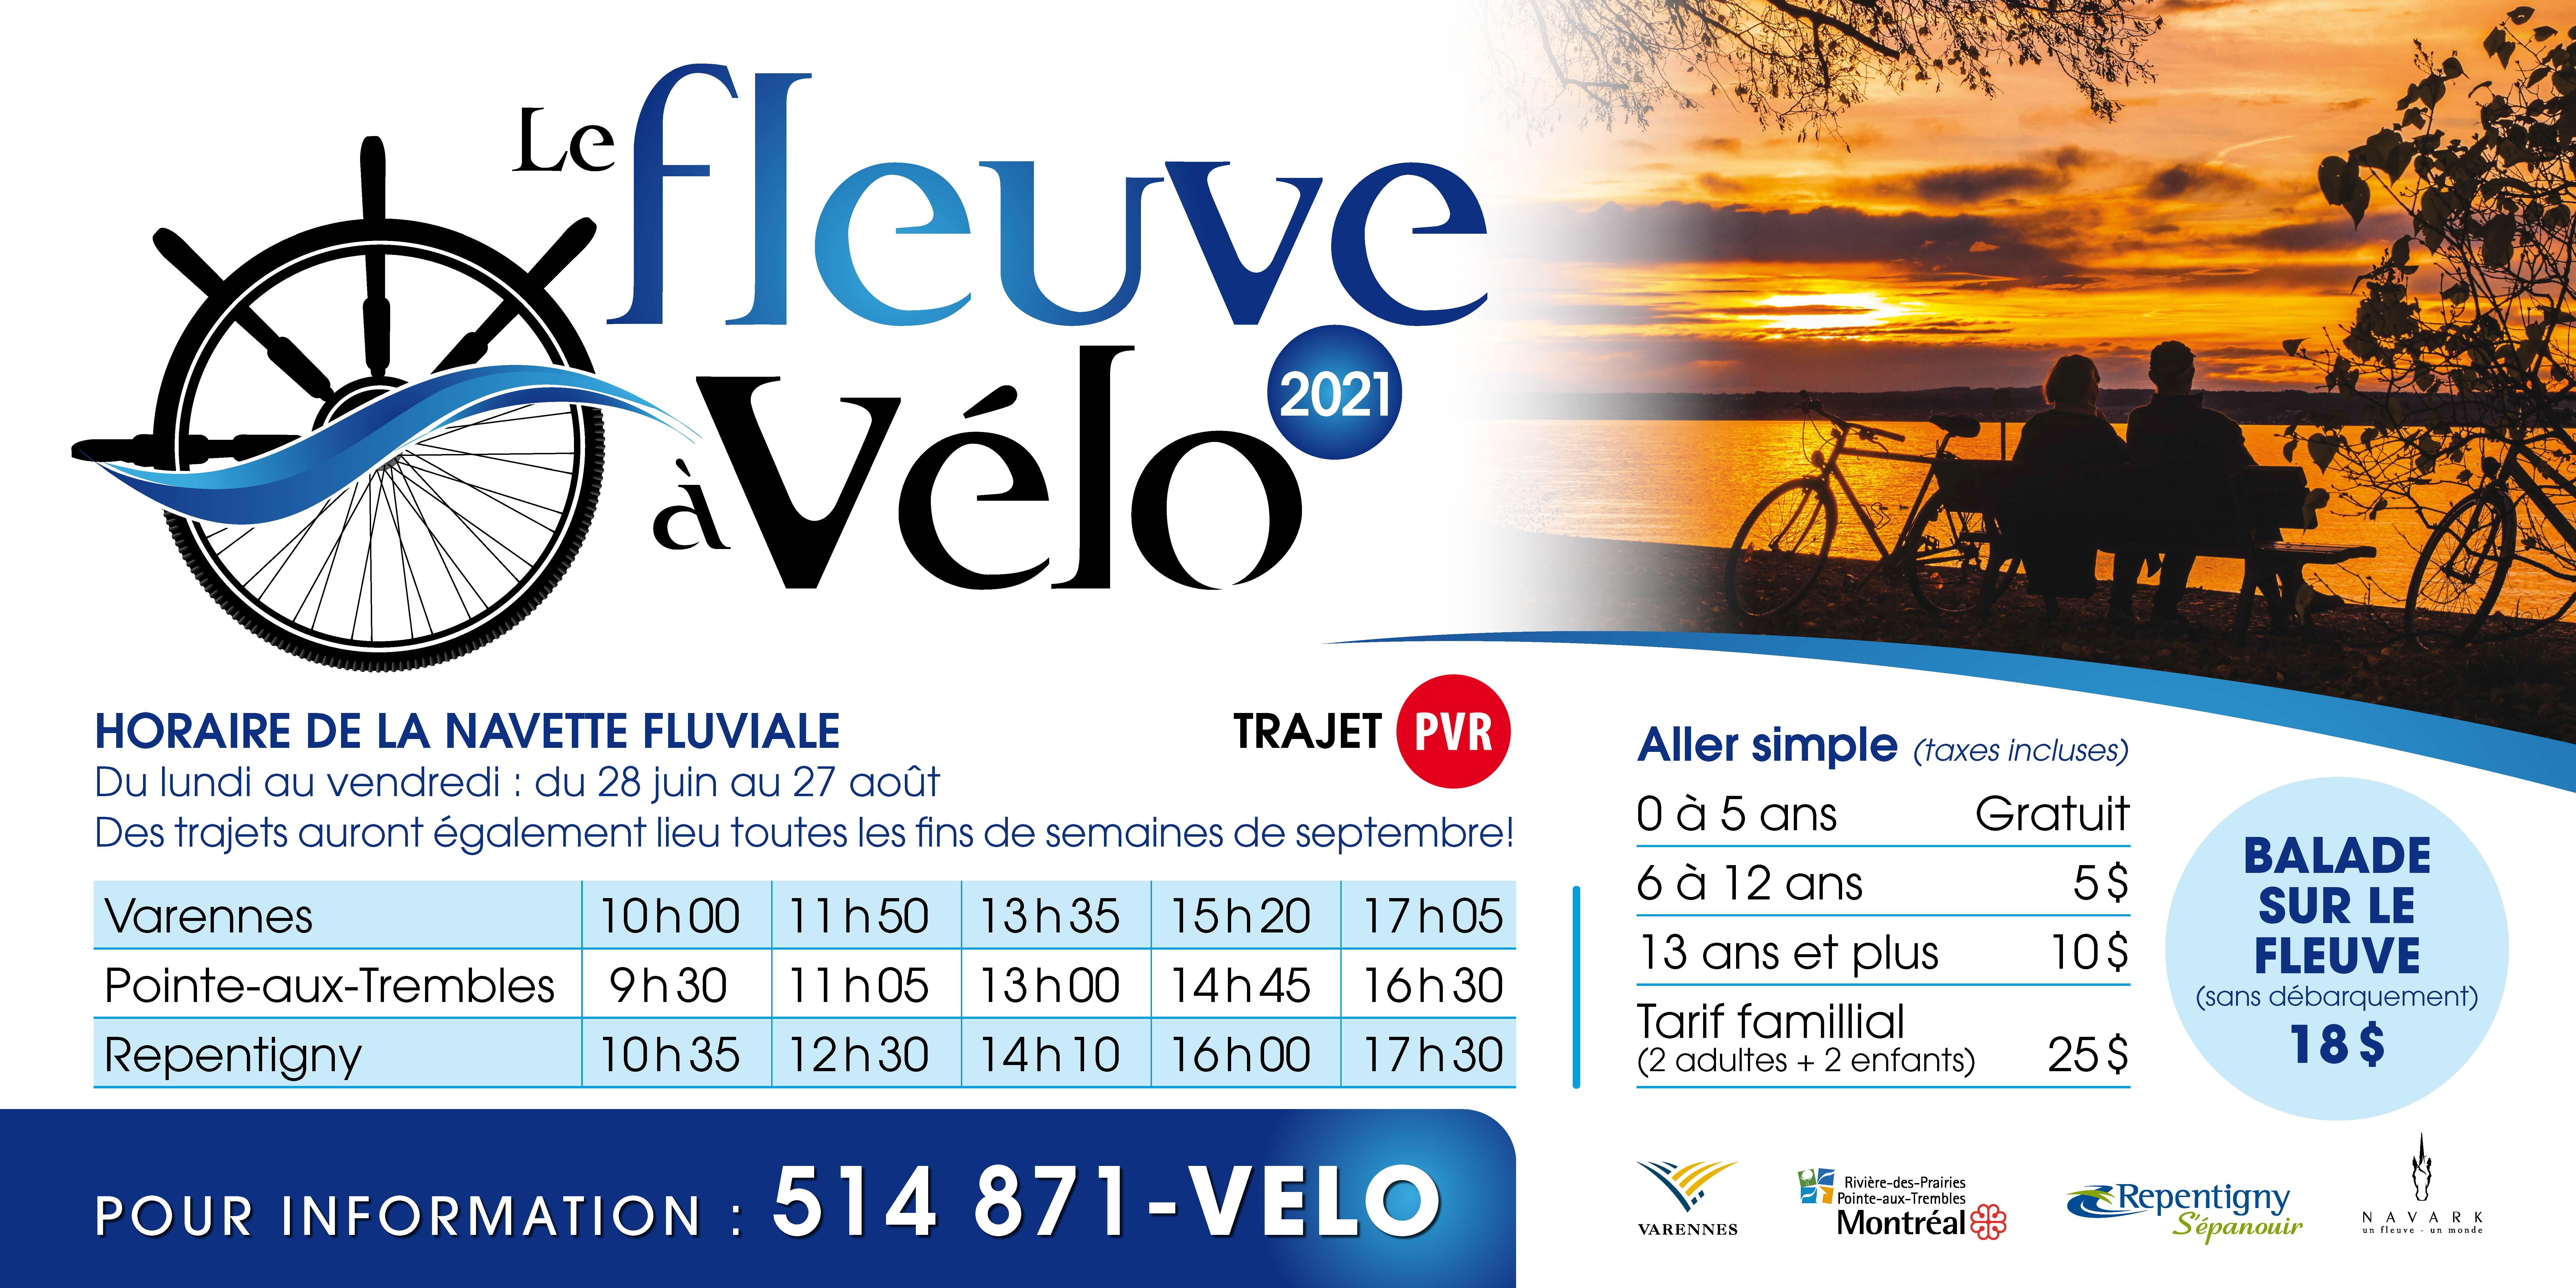 Navette_fluviale_Visuel_4x8_2021.jpg (2.19 MB)